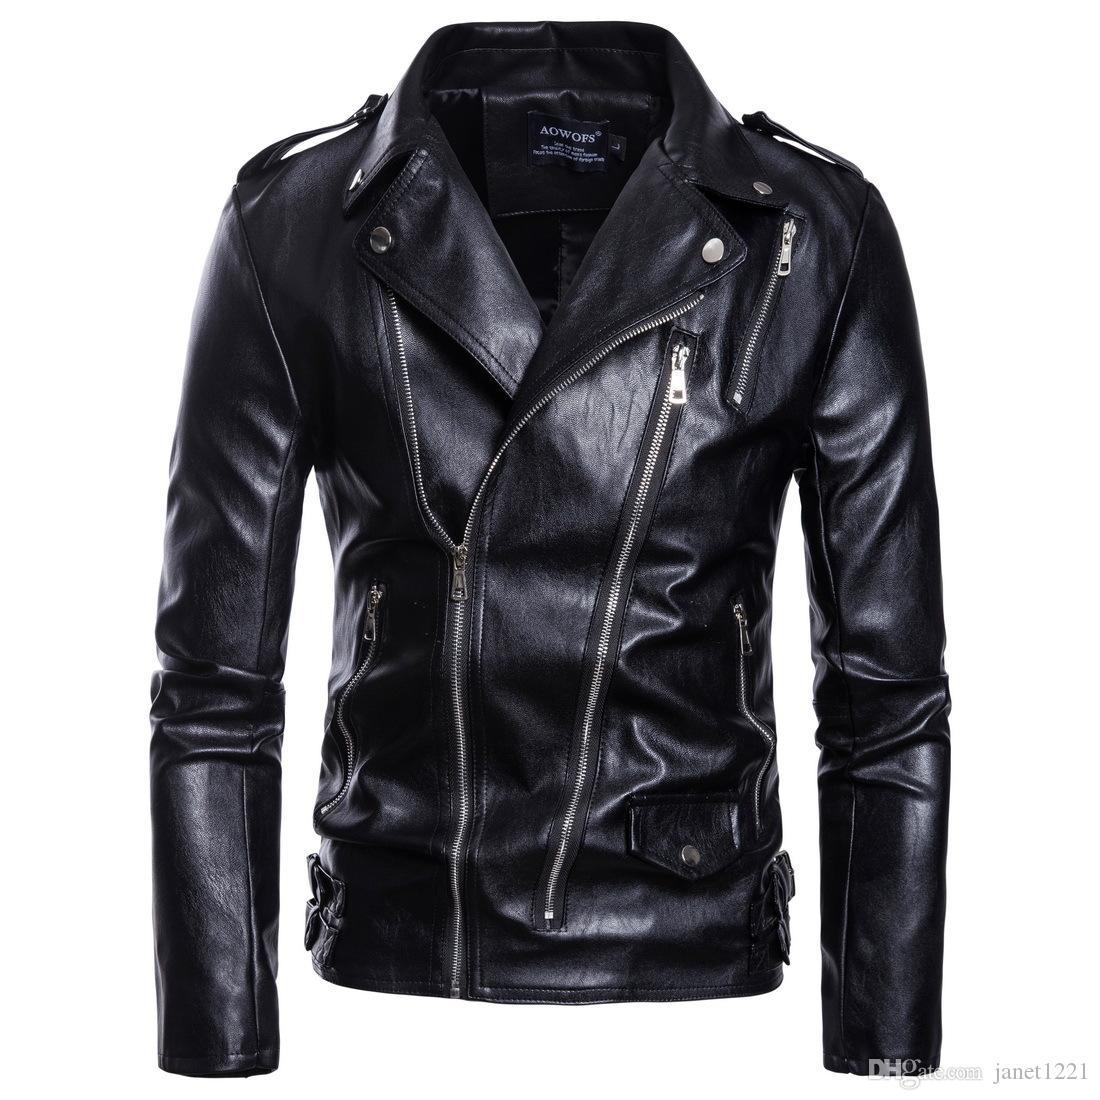 Pelle Moto uomini Leather Jacket Giacche obliquo della chiusura lampo per gli uomini neri sottile casuale di inverno degli uomini Outwear Plus Size M-5XL J180744